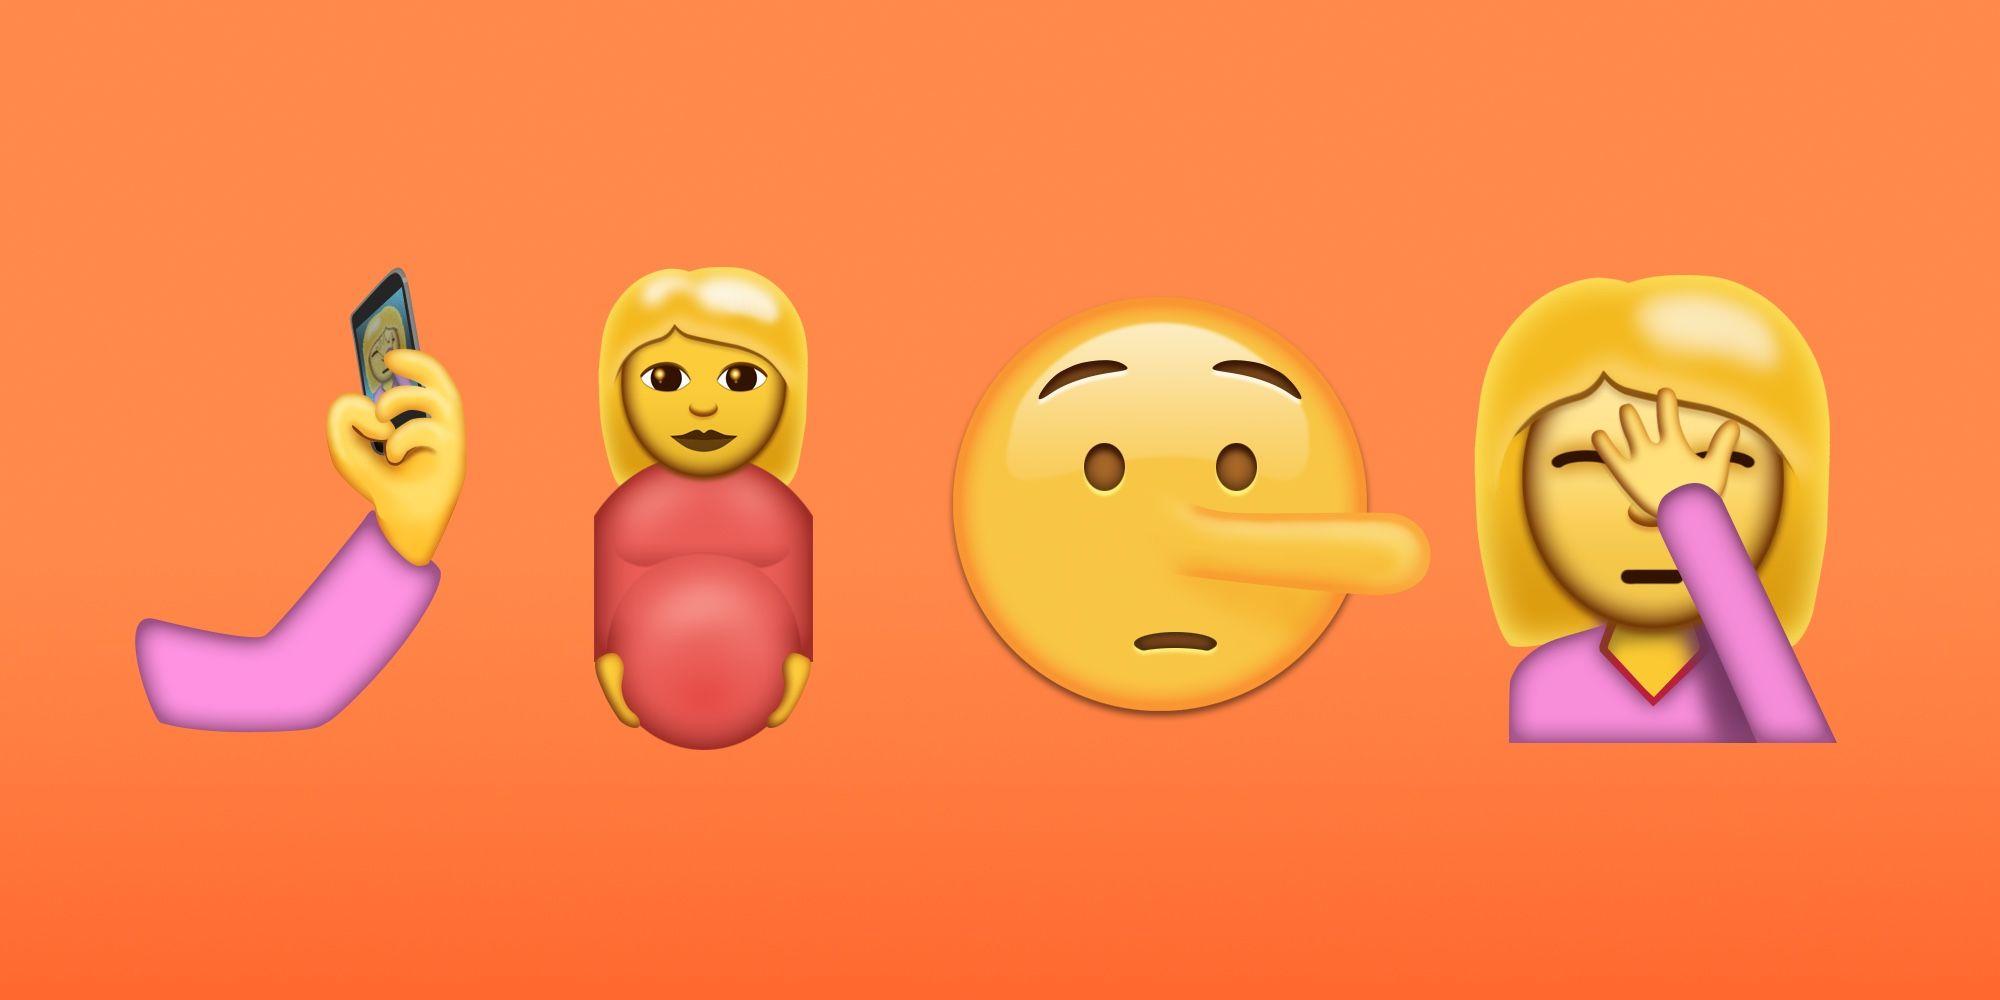 New Unicode 9 Emojis